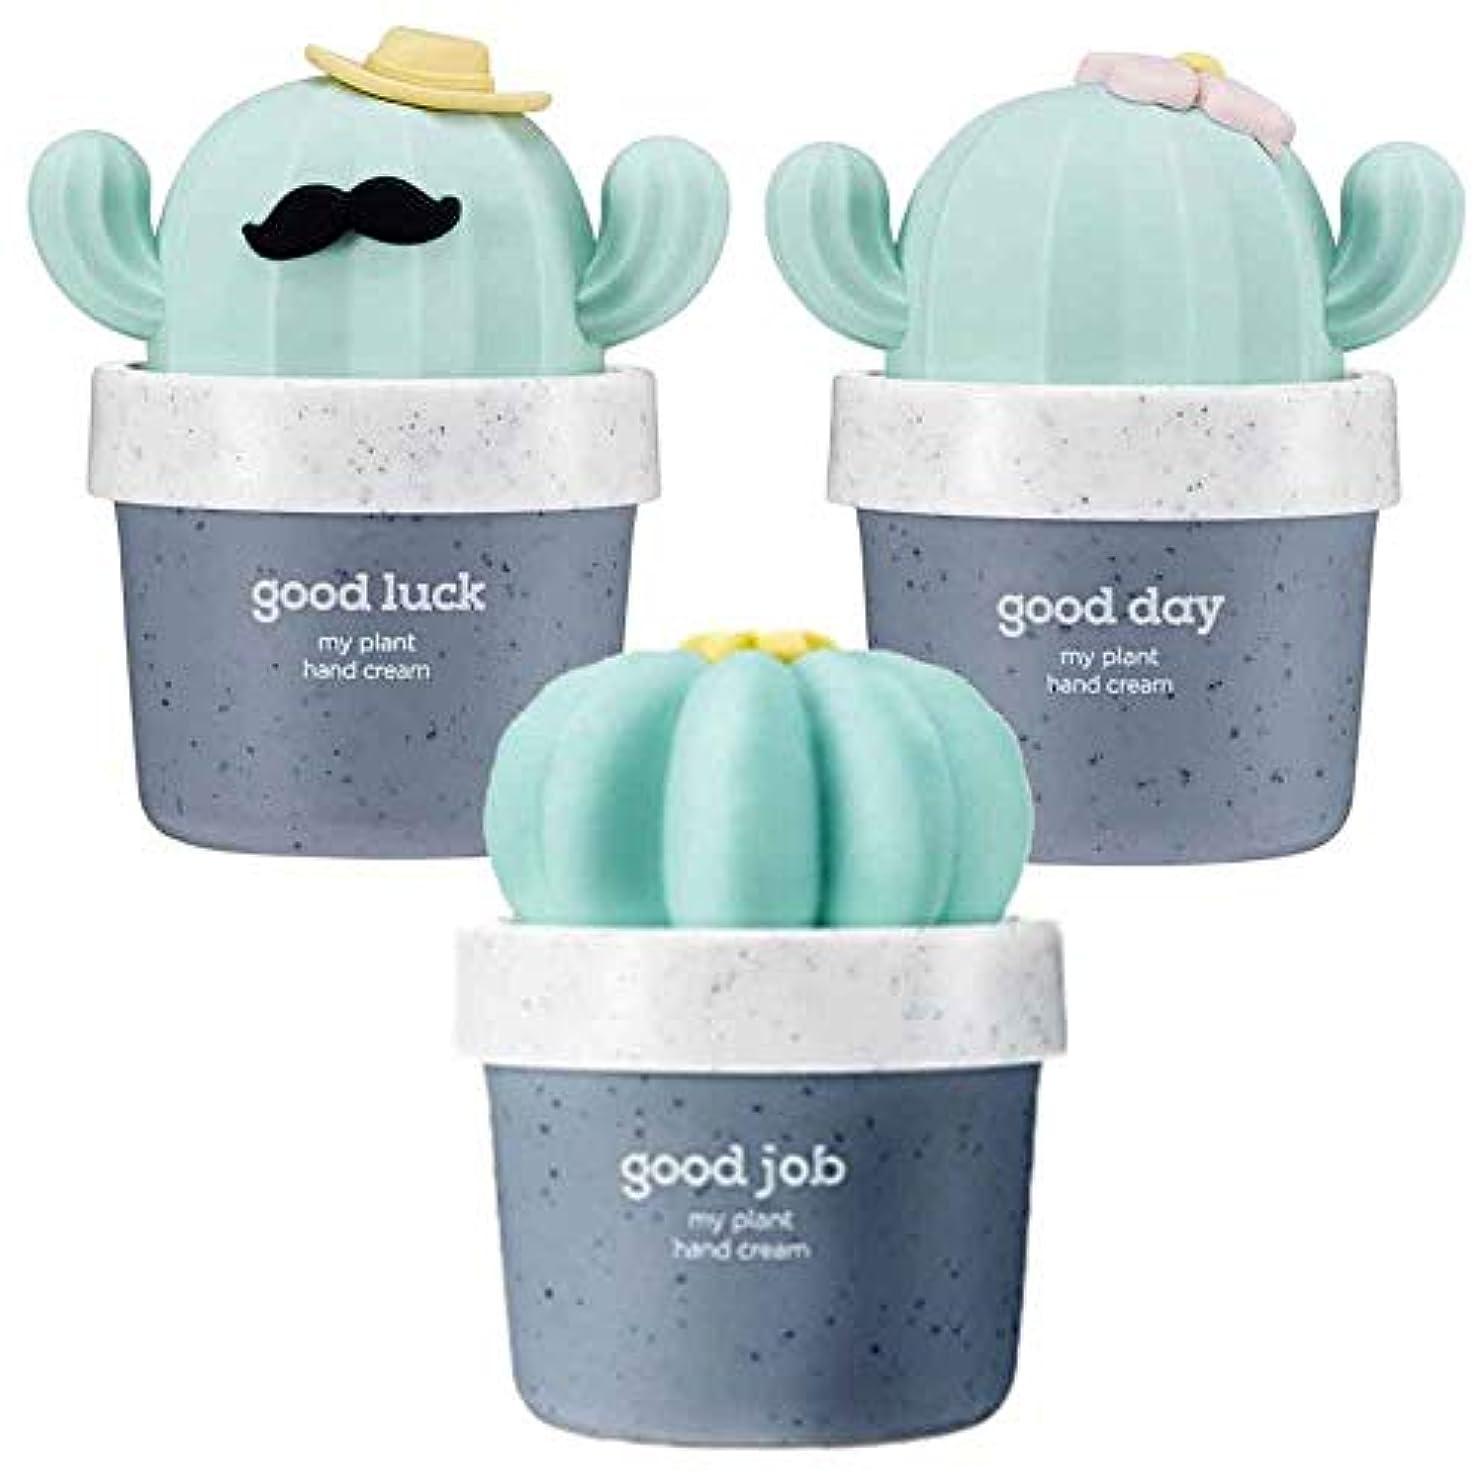 異なる予定むしゃむしゃ[THE FACE SHOP] ザフェイスショップ ミニサボテン 鉢植えハンドクリーム 3個セット